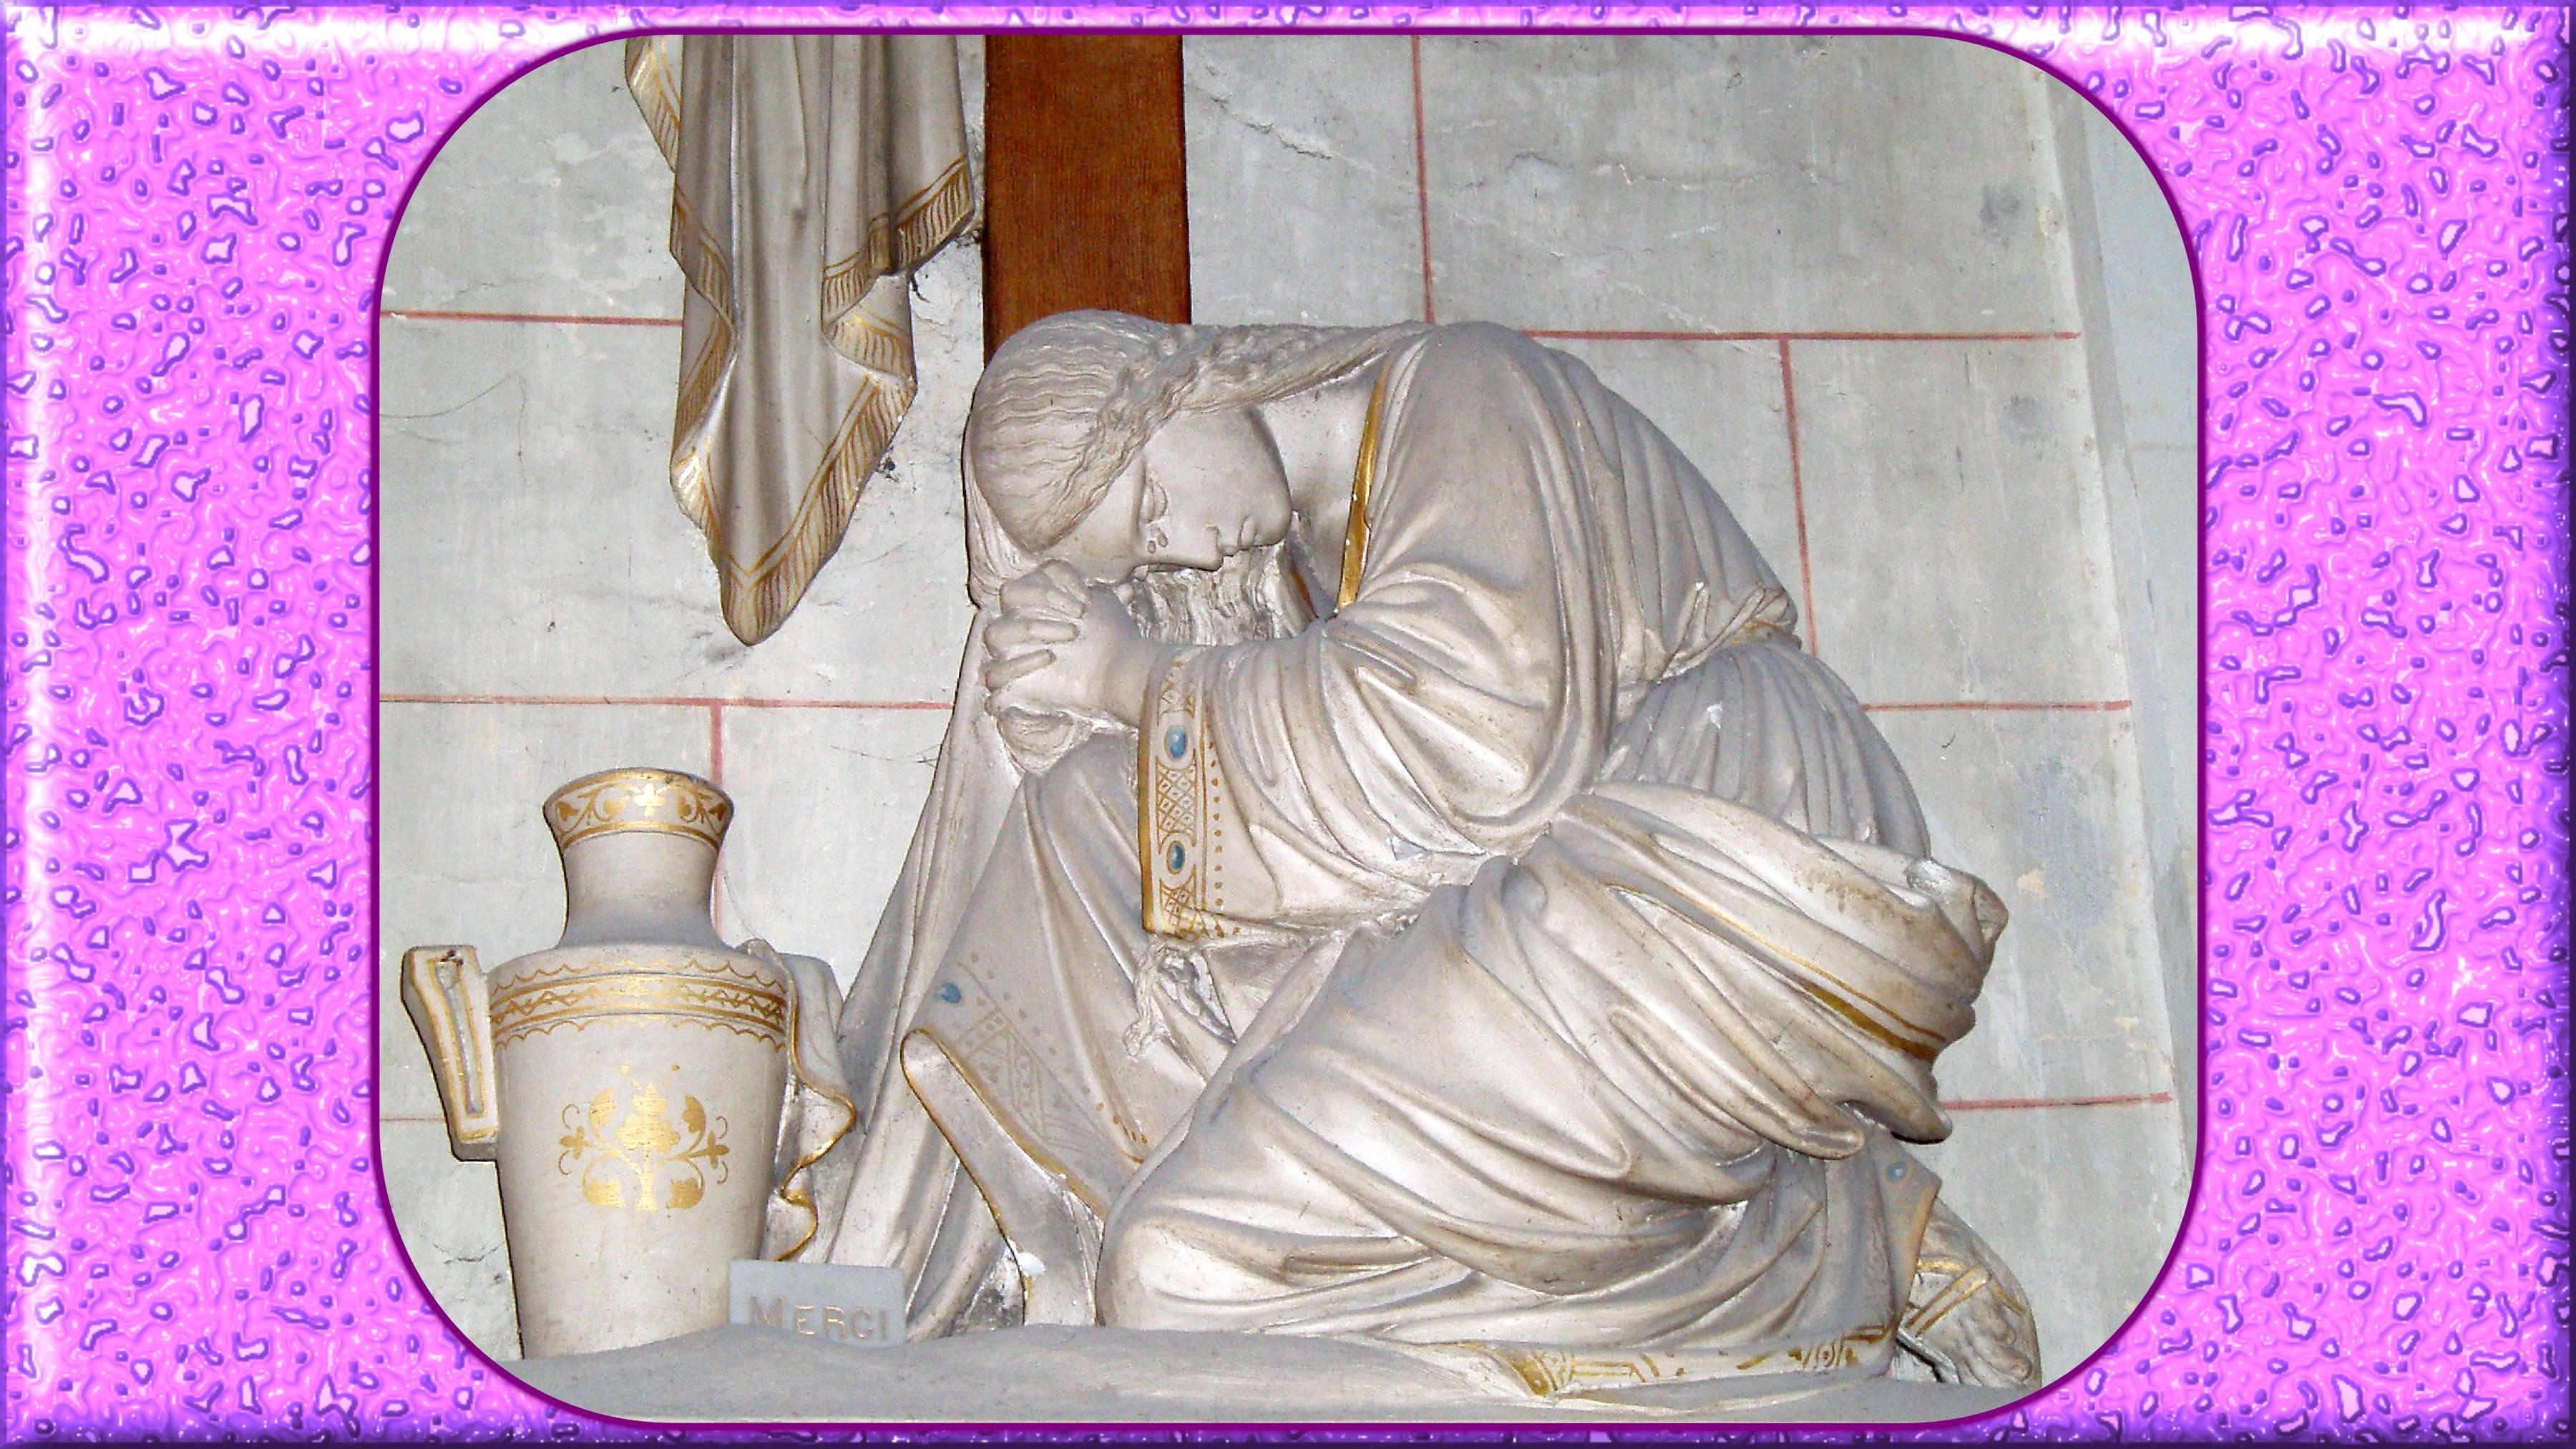 CALENDRIER CATHOLIQUE 2020 (Cantiques, Prières & Images) - Page 21 Ste-marie-madeleine-555efd3